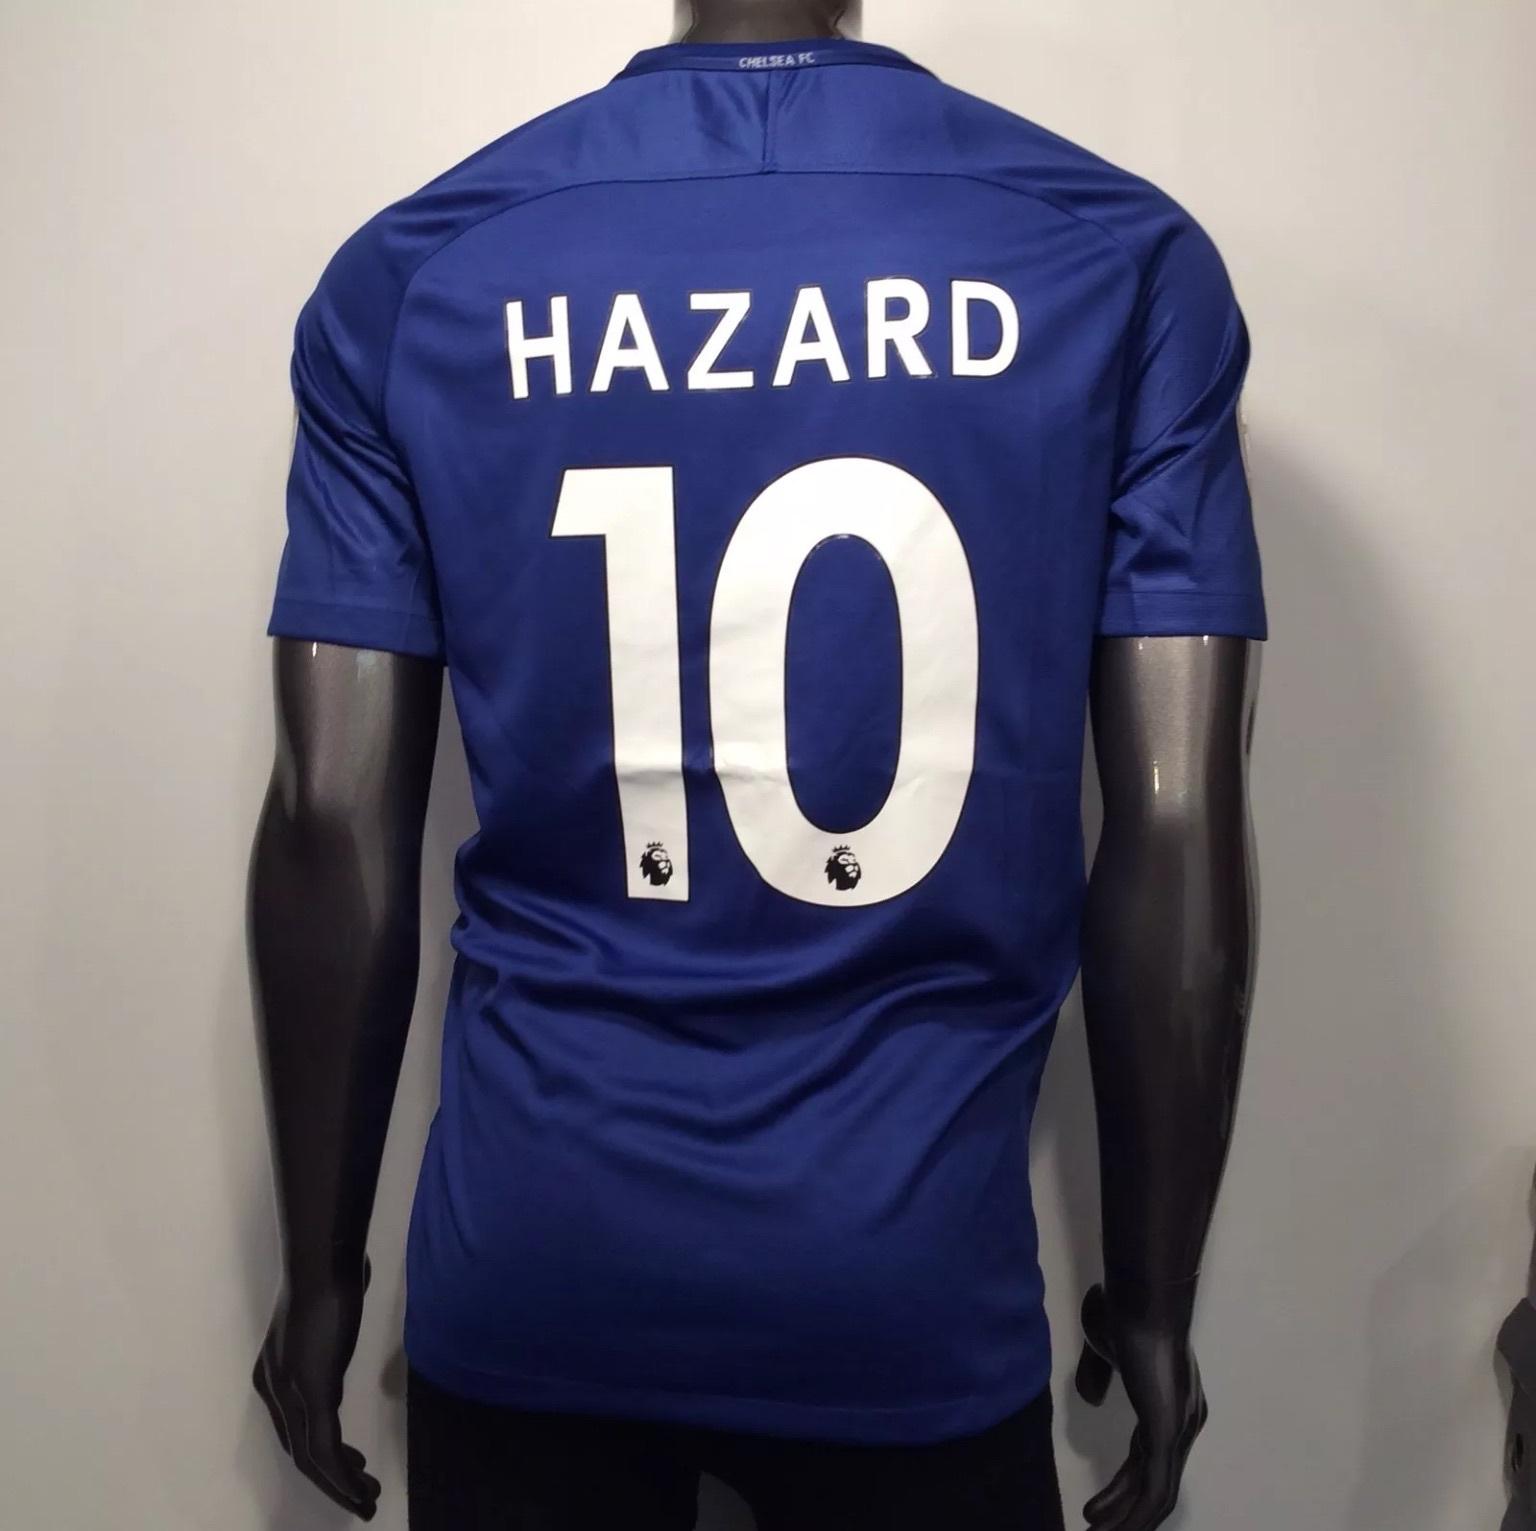 01cfc2f835e741509e77fc52fde41a09e4afdbde4e.  01cfc2f835e741509e77fc52fde41a09e4afdbde4e. Previous. 2017-18 Chelsea Nike Eden  Hazard  10 XL Home Soccer Jersey e6c04597f